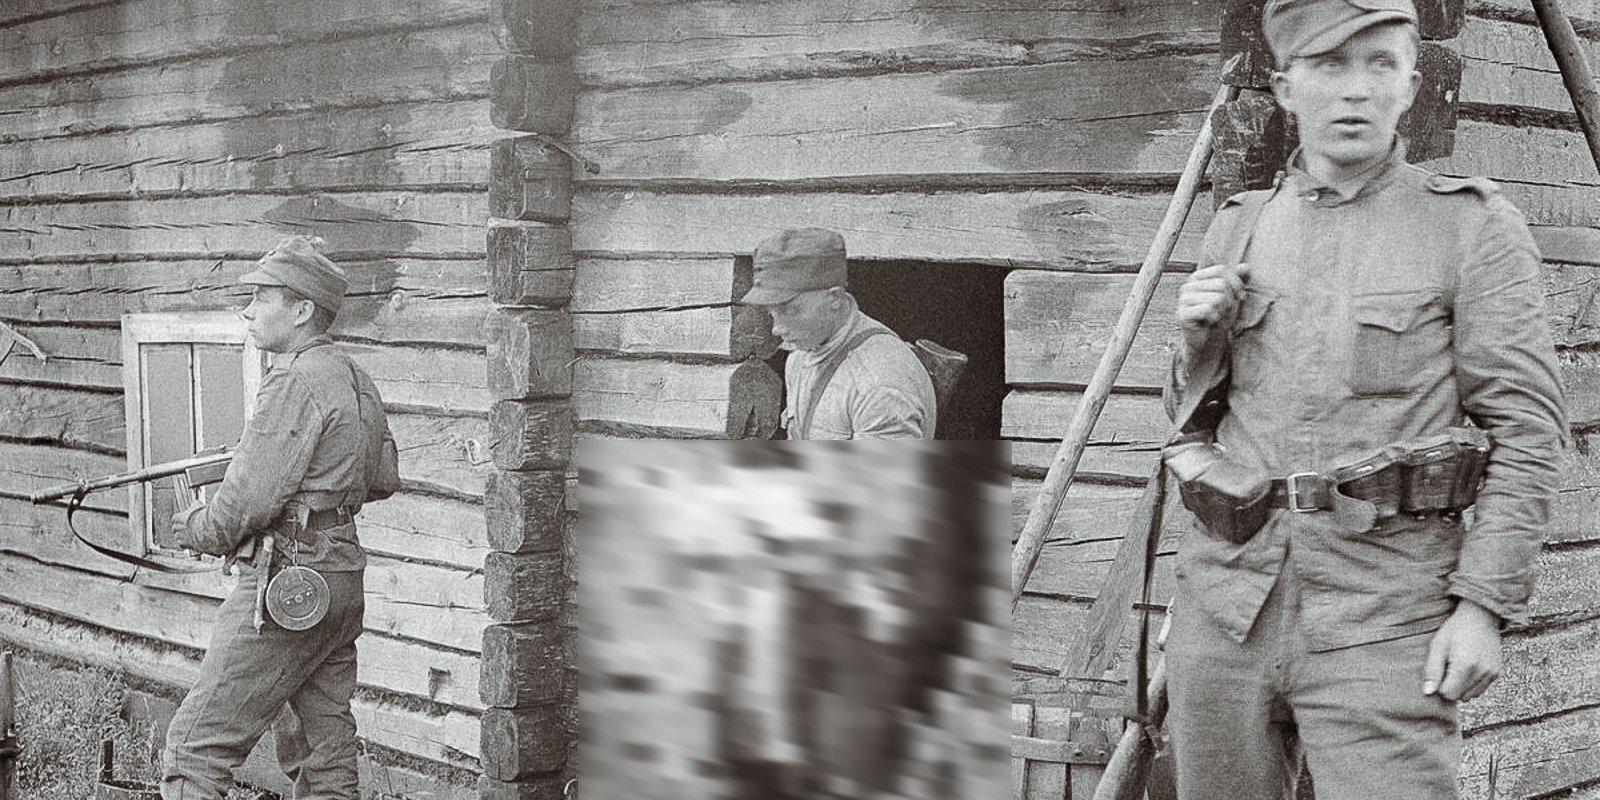 Noklusētais noziegums – padomju partizānu zvērības Somijā